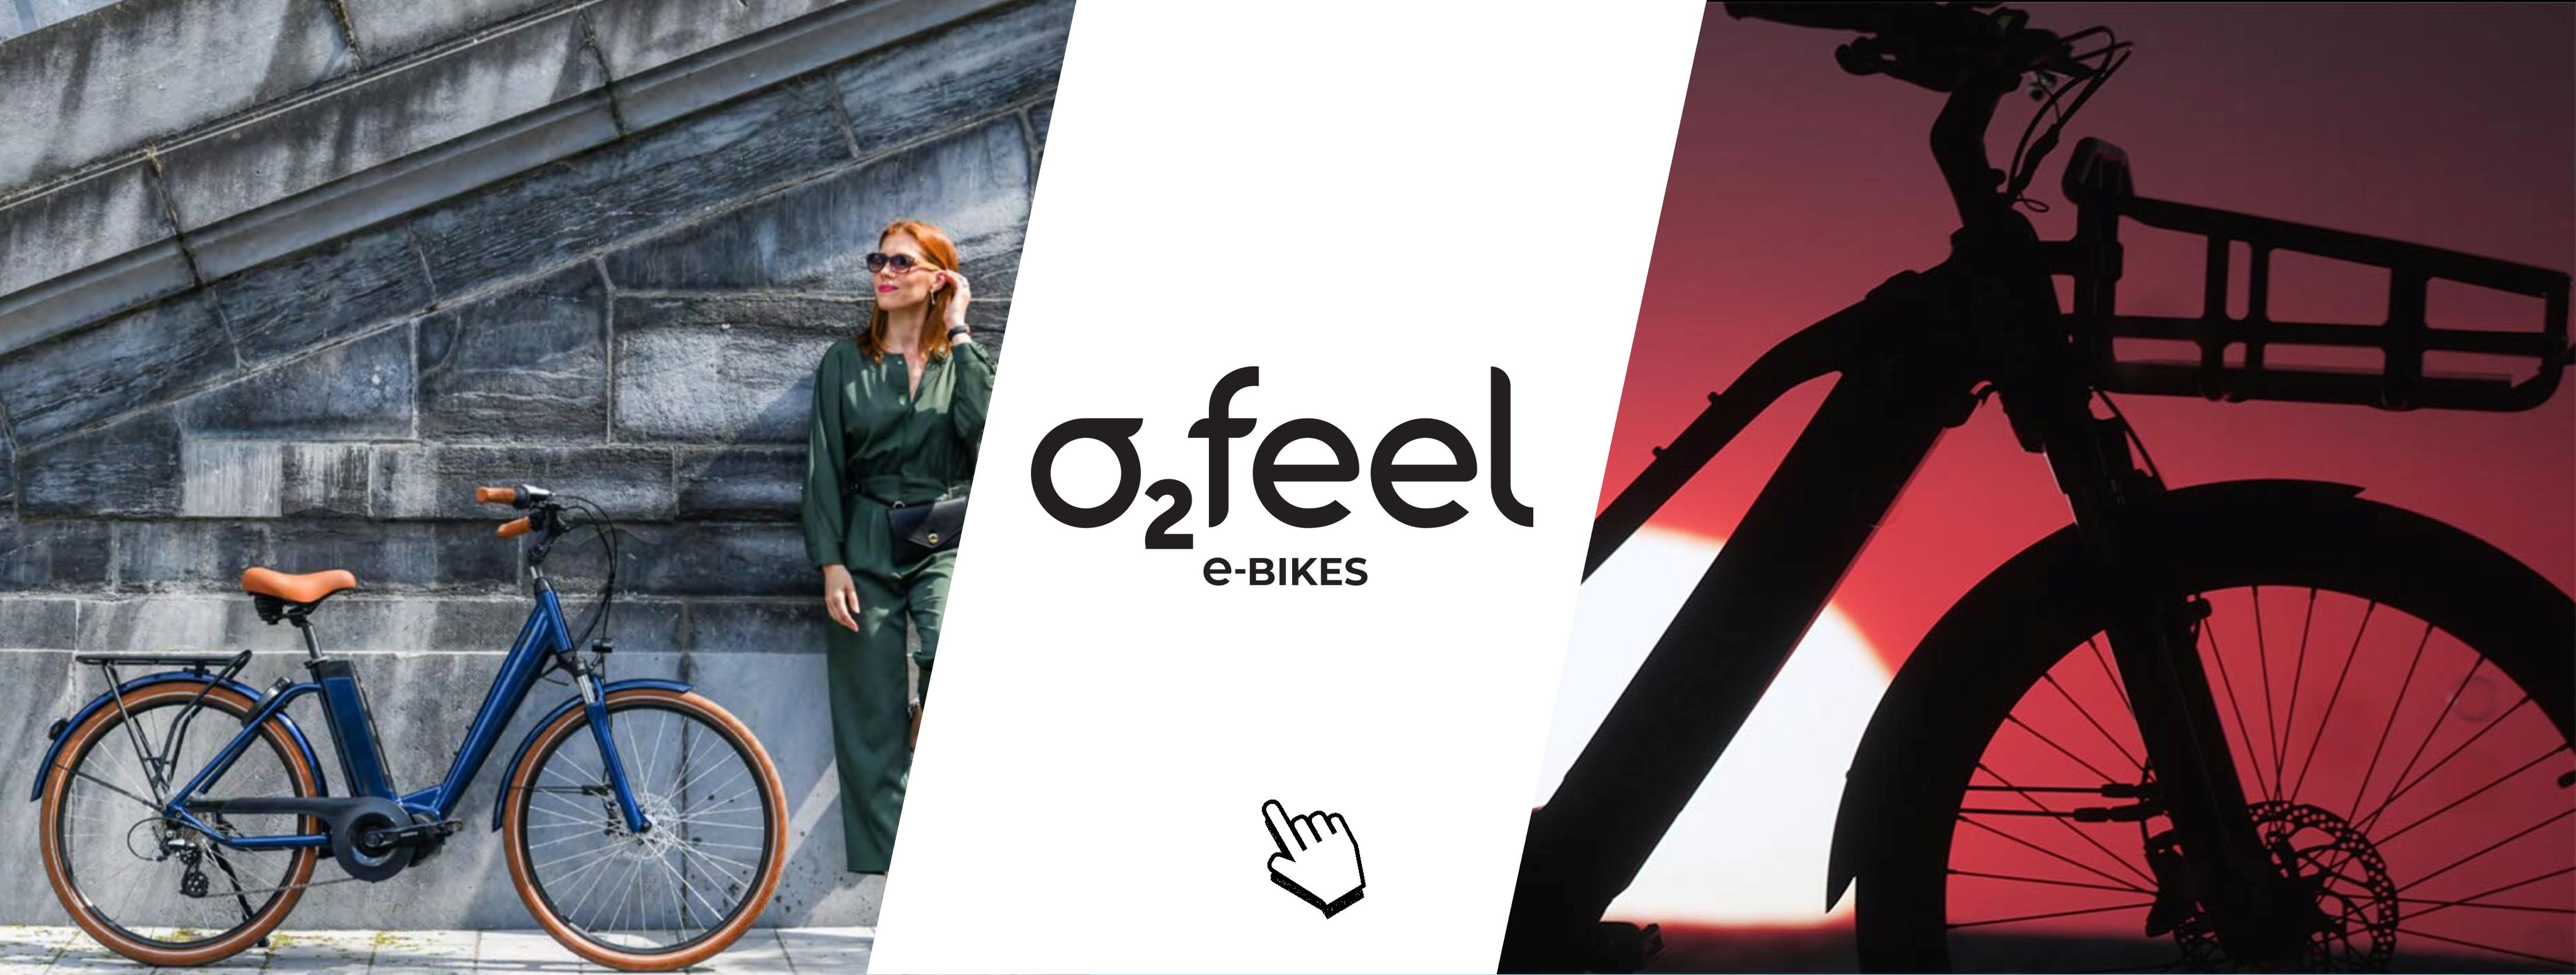 Vélos électriques - O2 FEEL